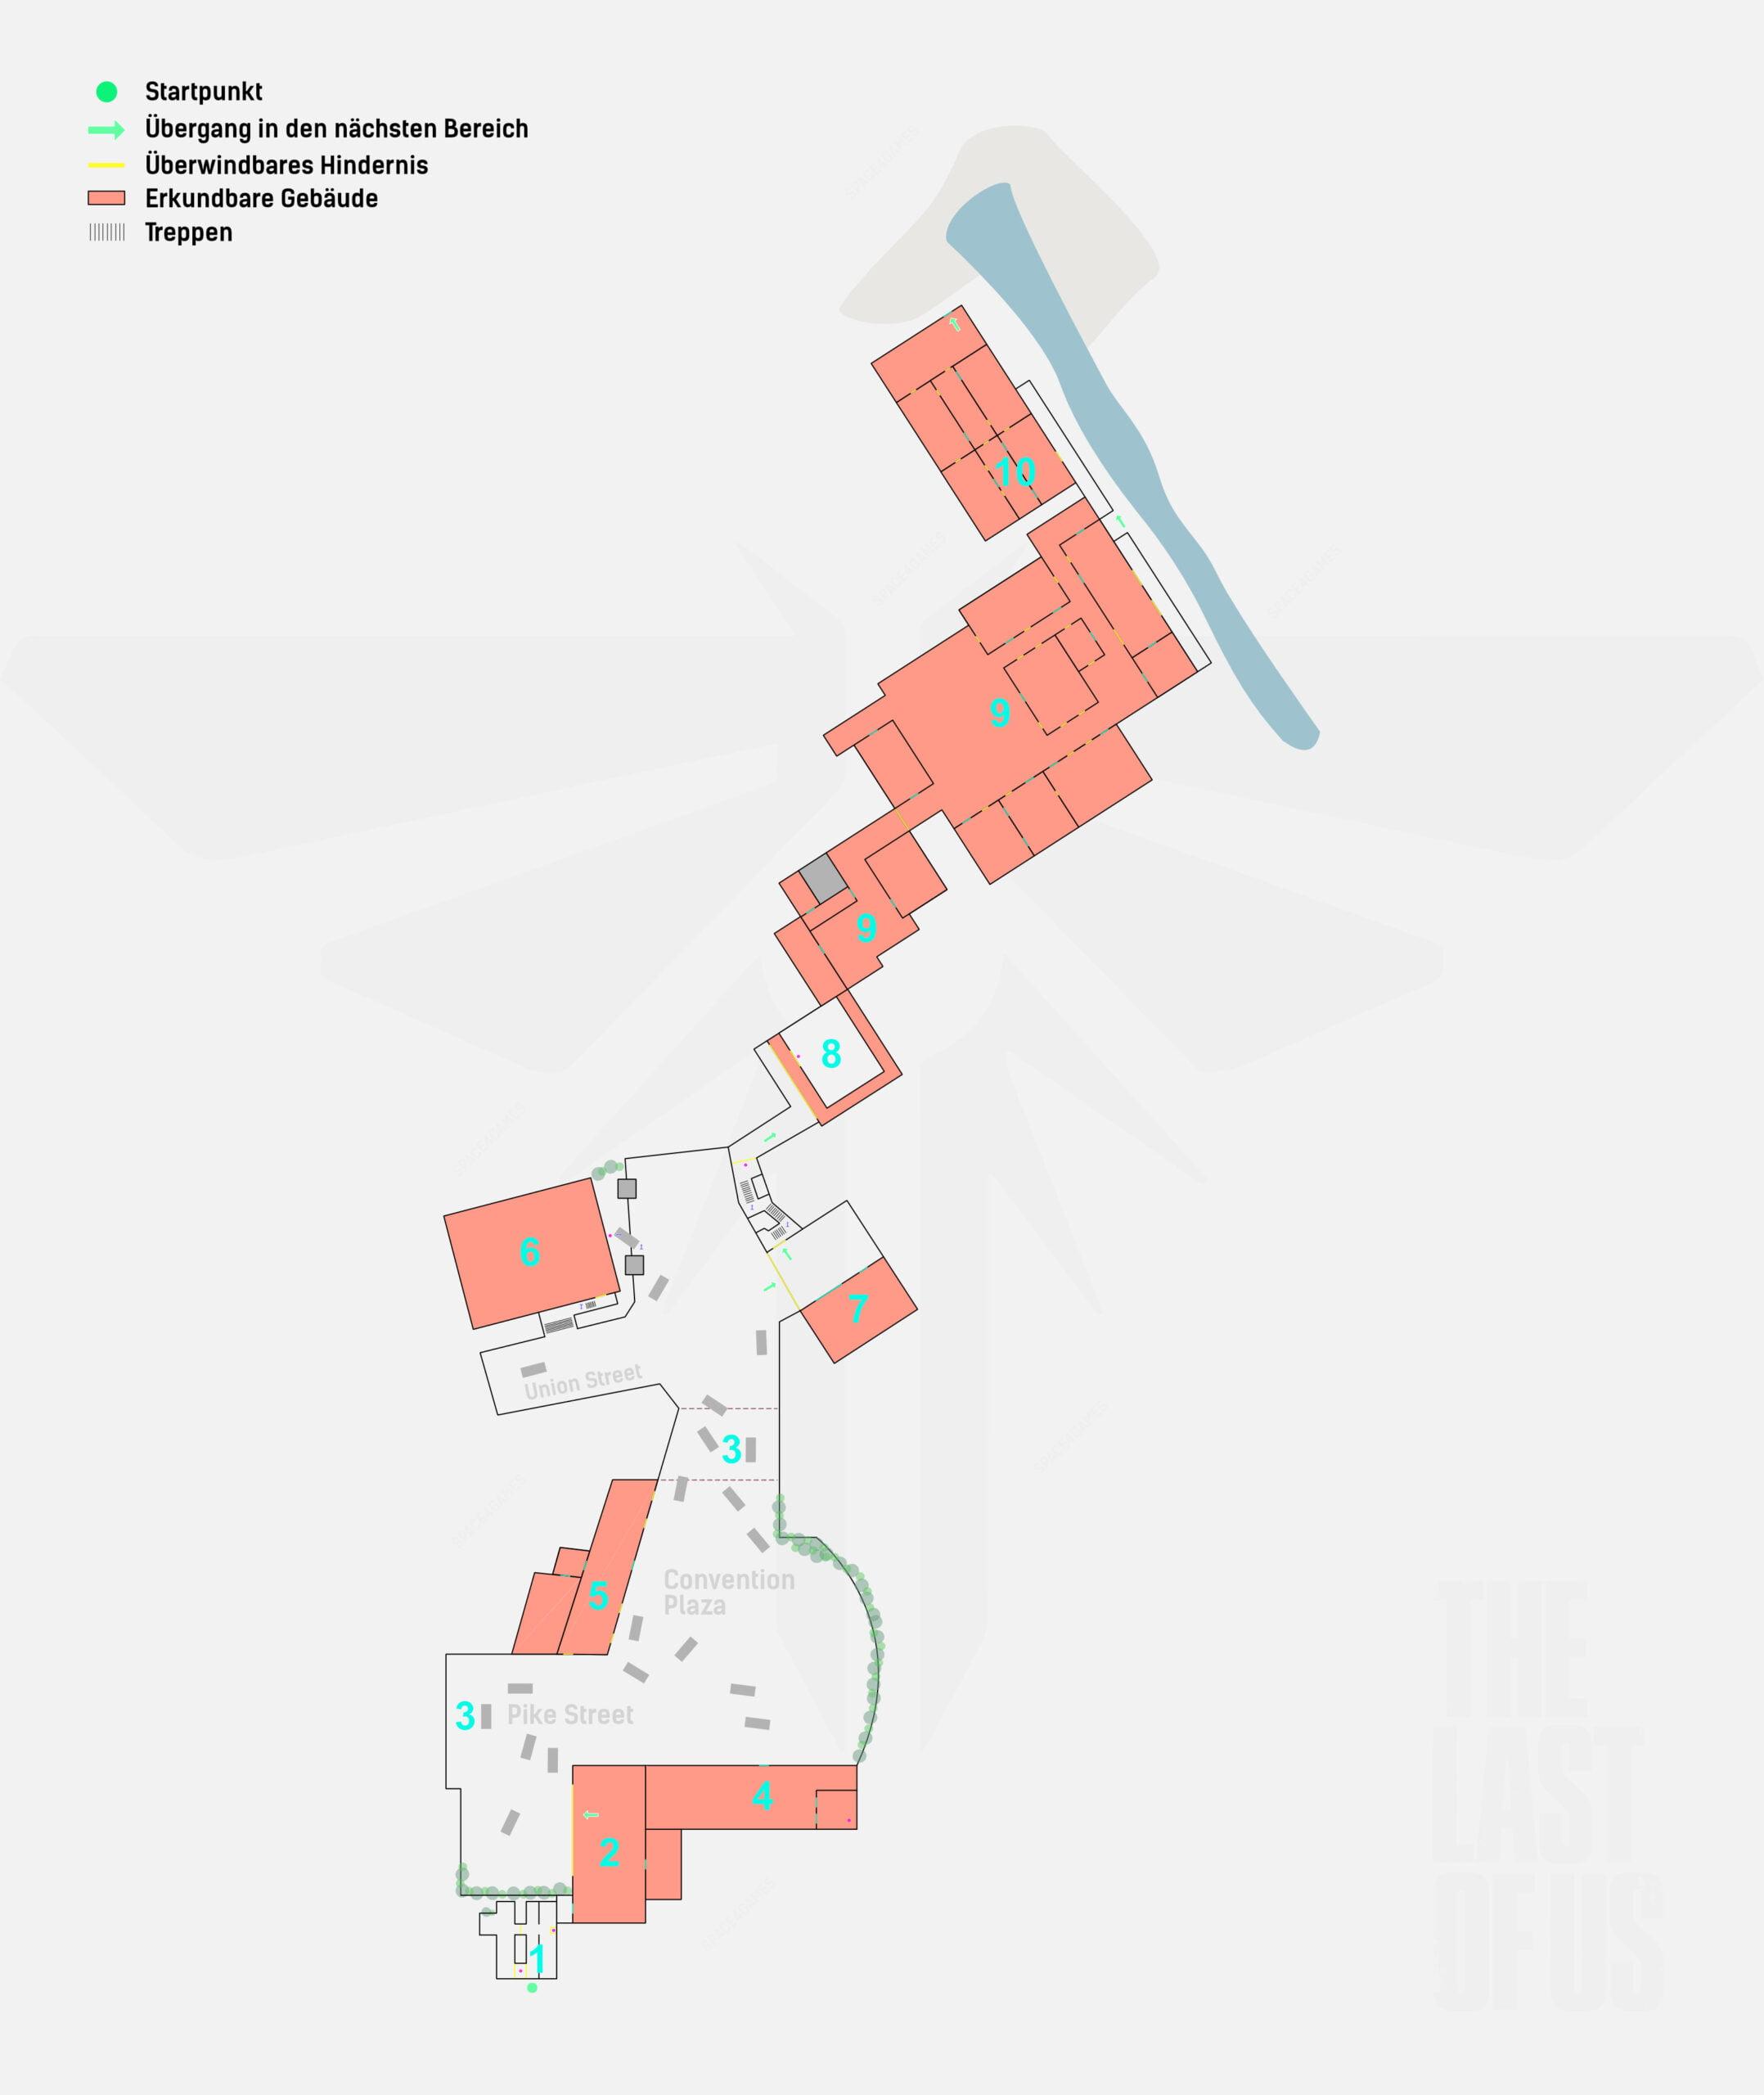 Karte The Last of Us 2, Convention Center und Umgebung mit Markierungen